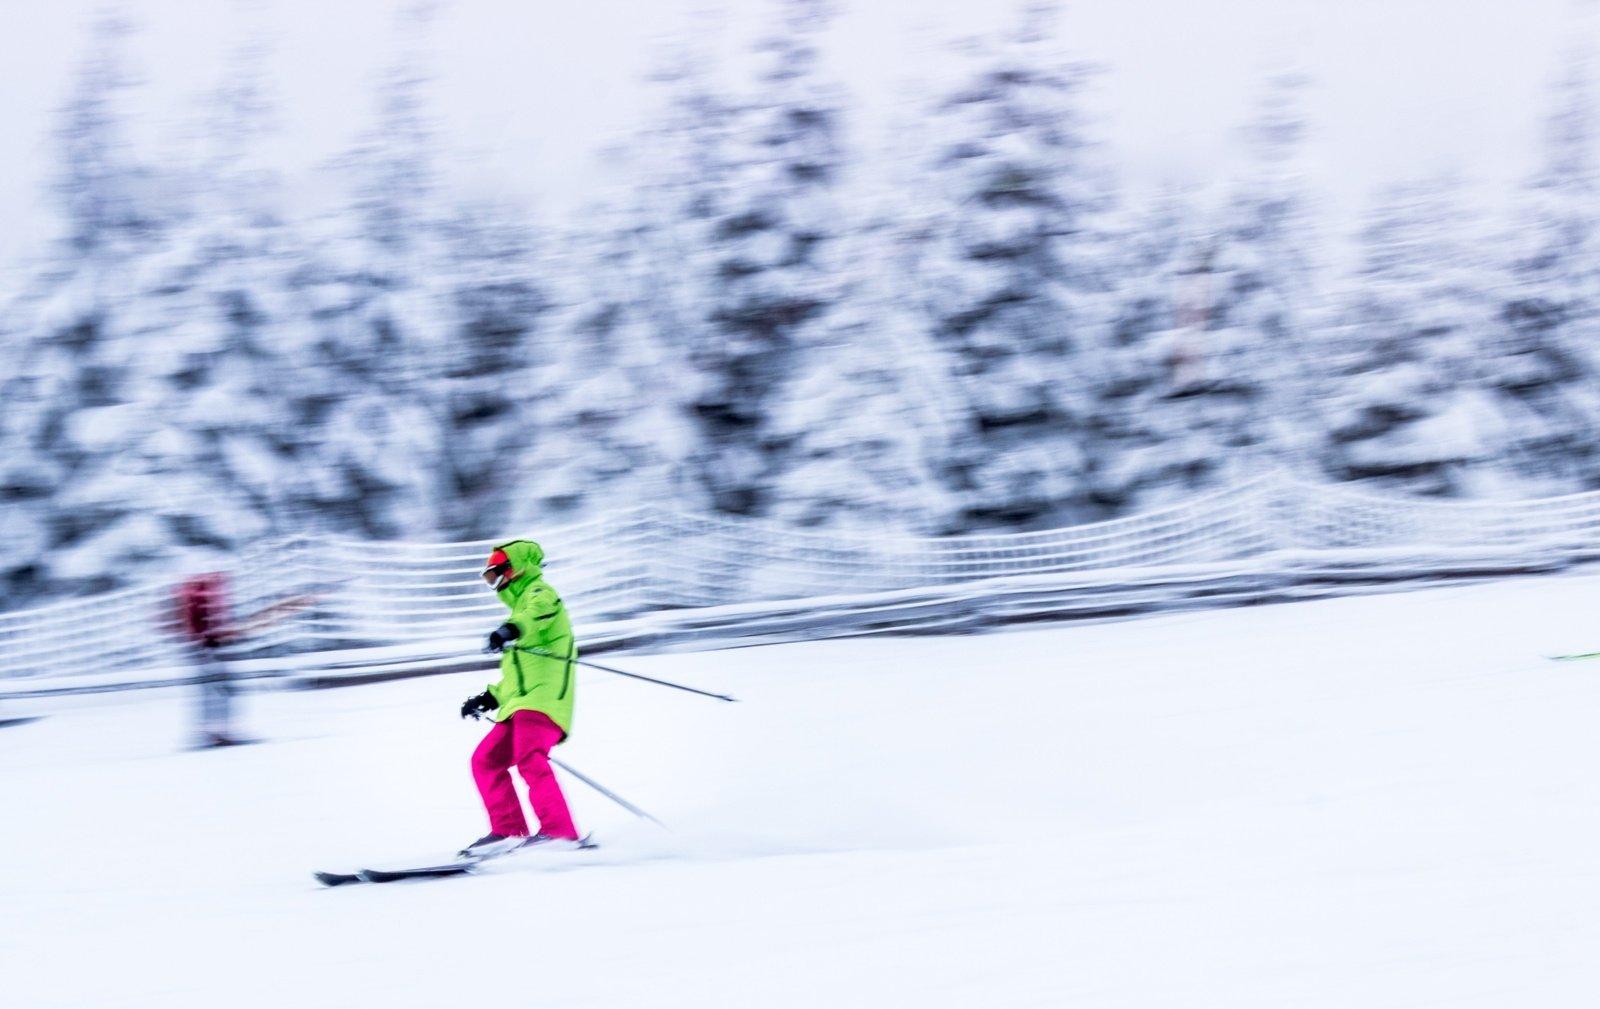 V. Čmilytė-Nielsen apie slidinėjimo centrų prašymą atnaujinti veiklą: išimčių reikėtų vengti